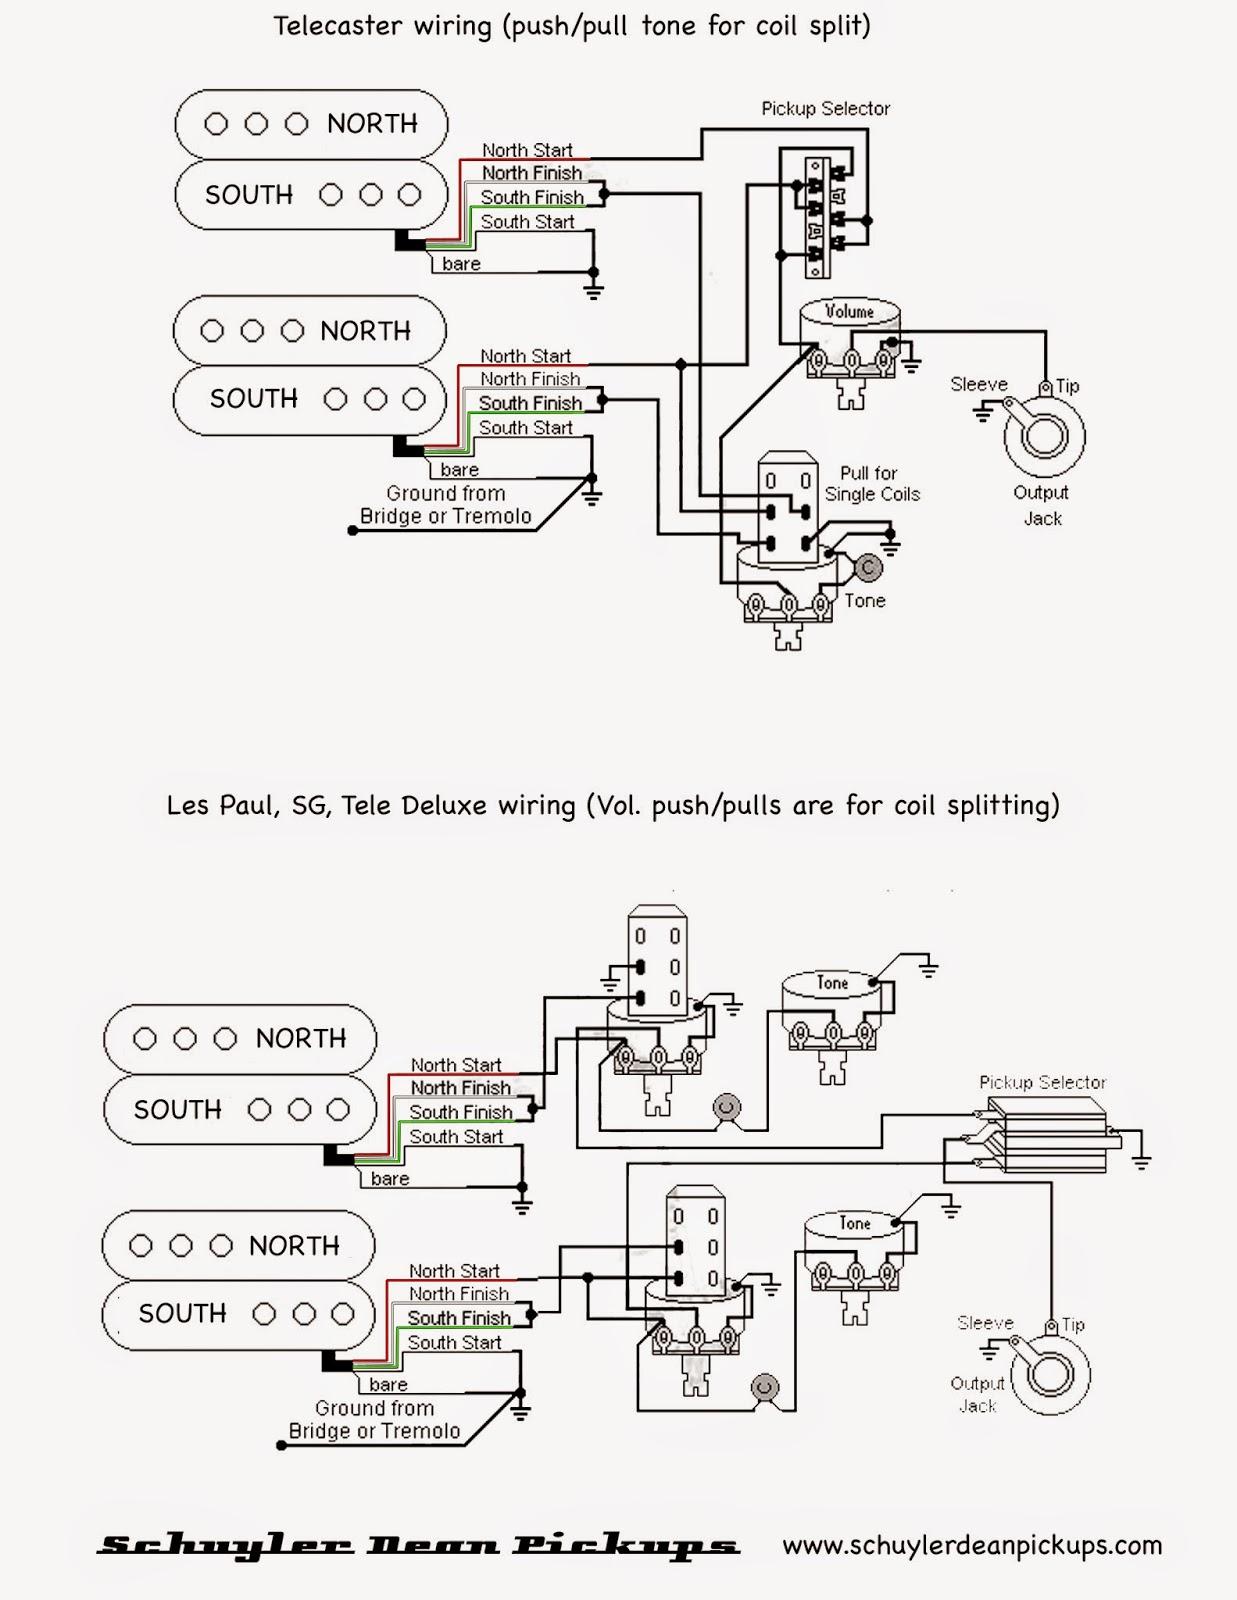 Цветовые схемы звукоснимателей — Inhalath